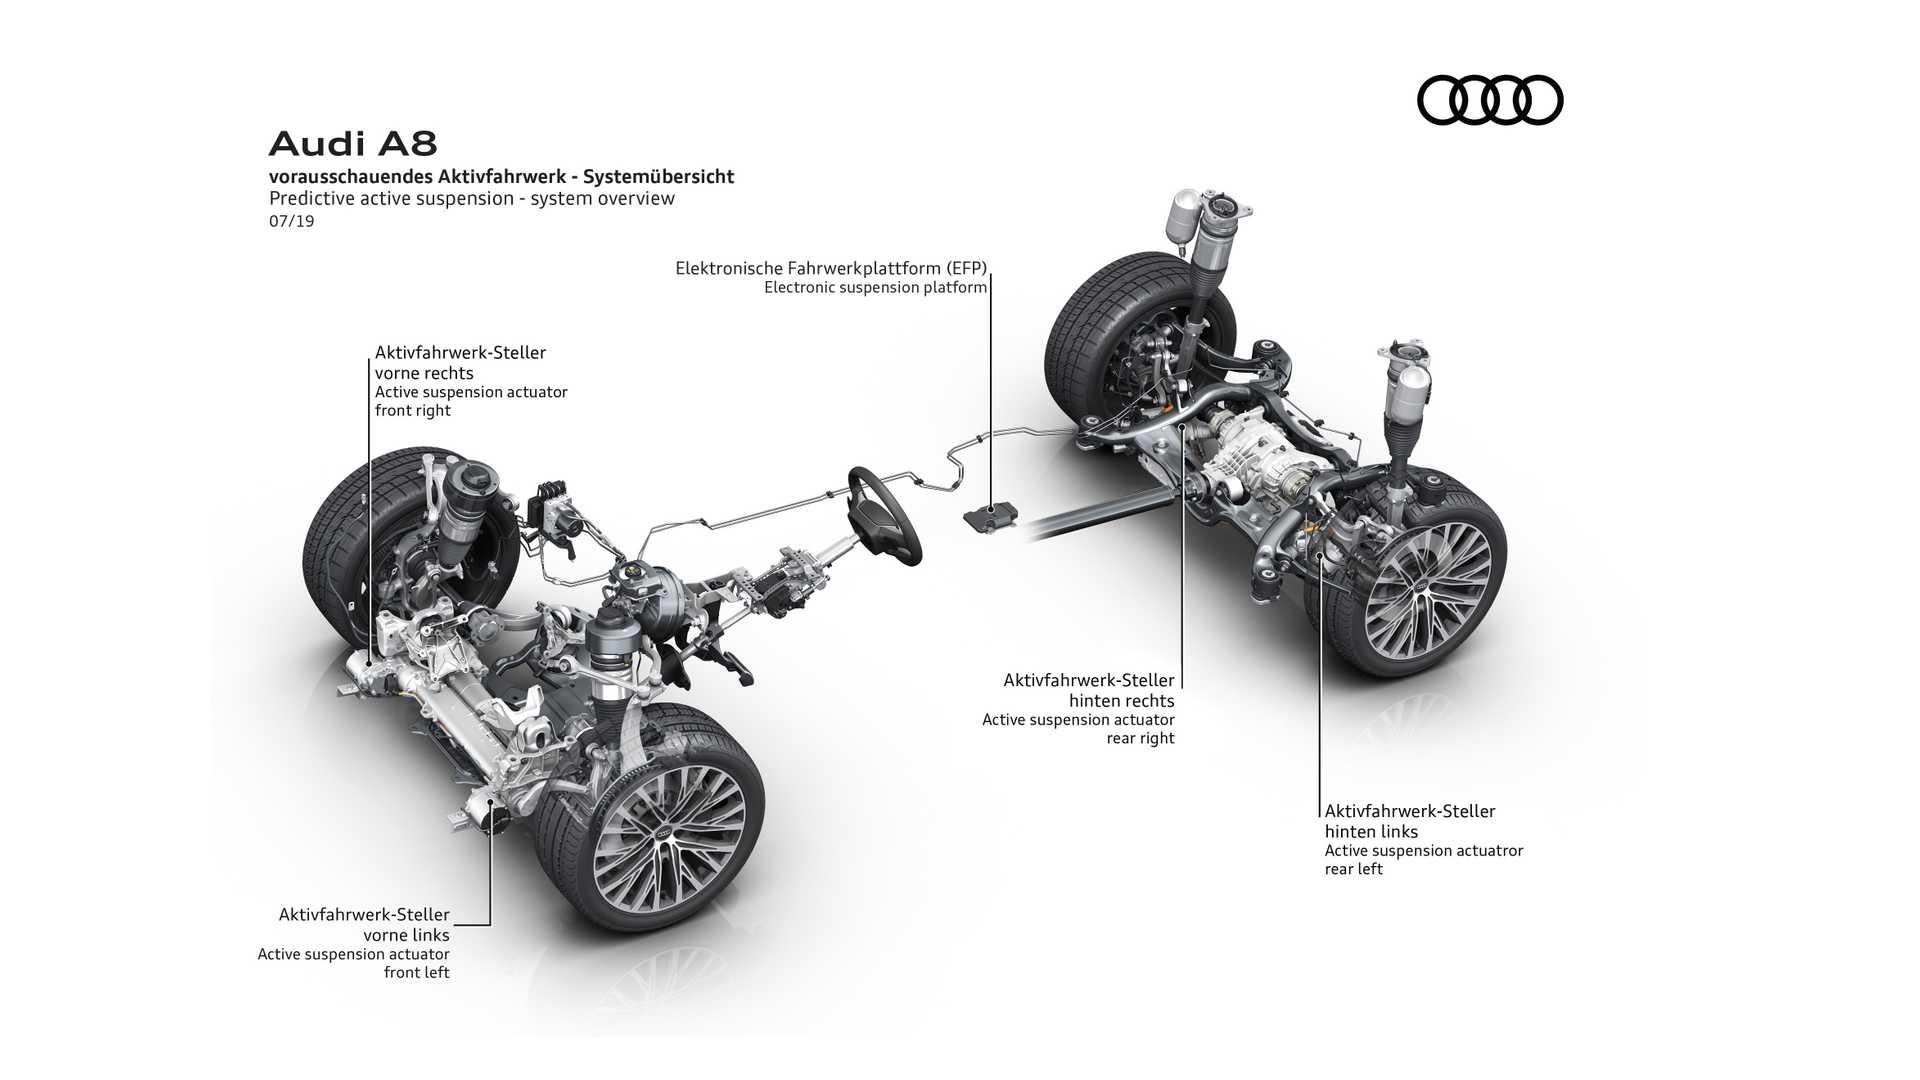 Audi оснастила A8 умной подвеской 2